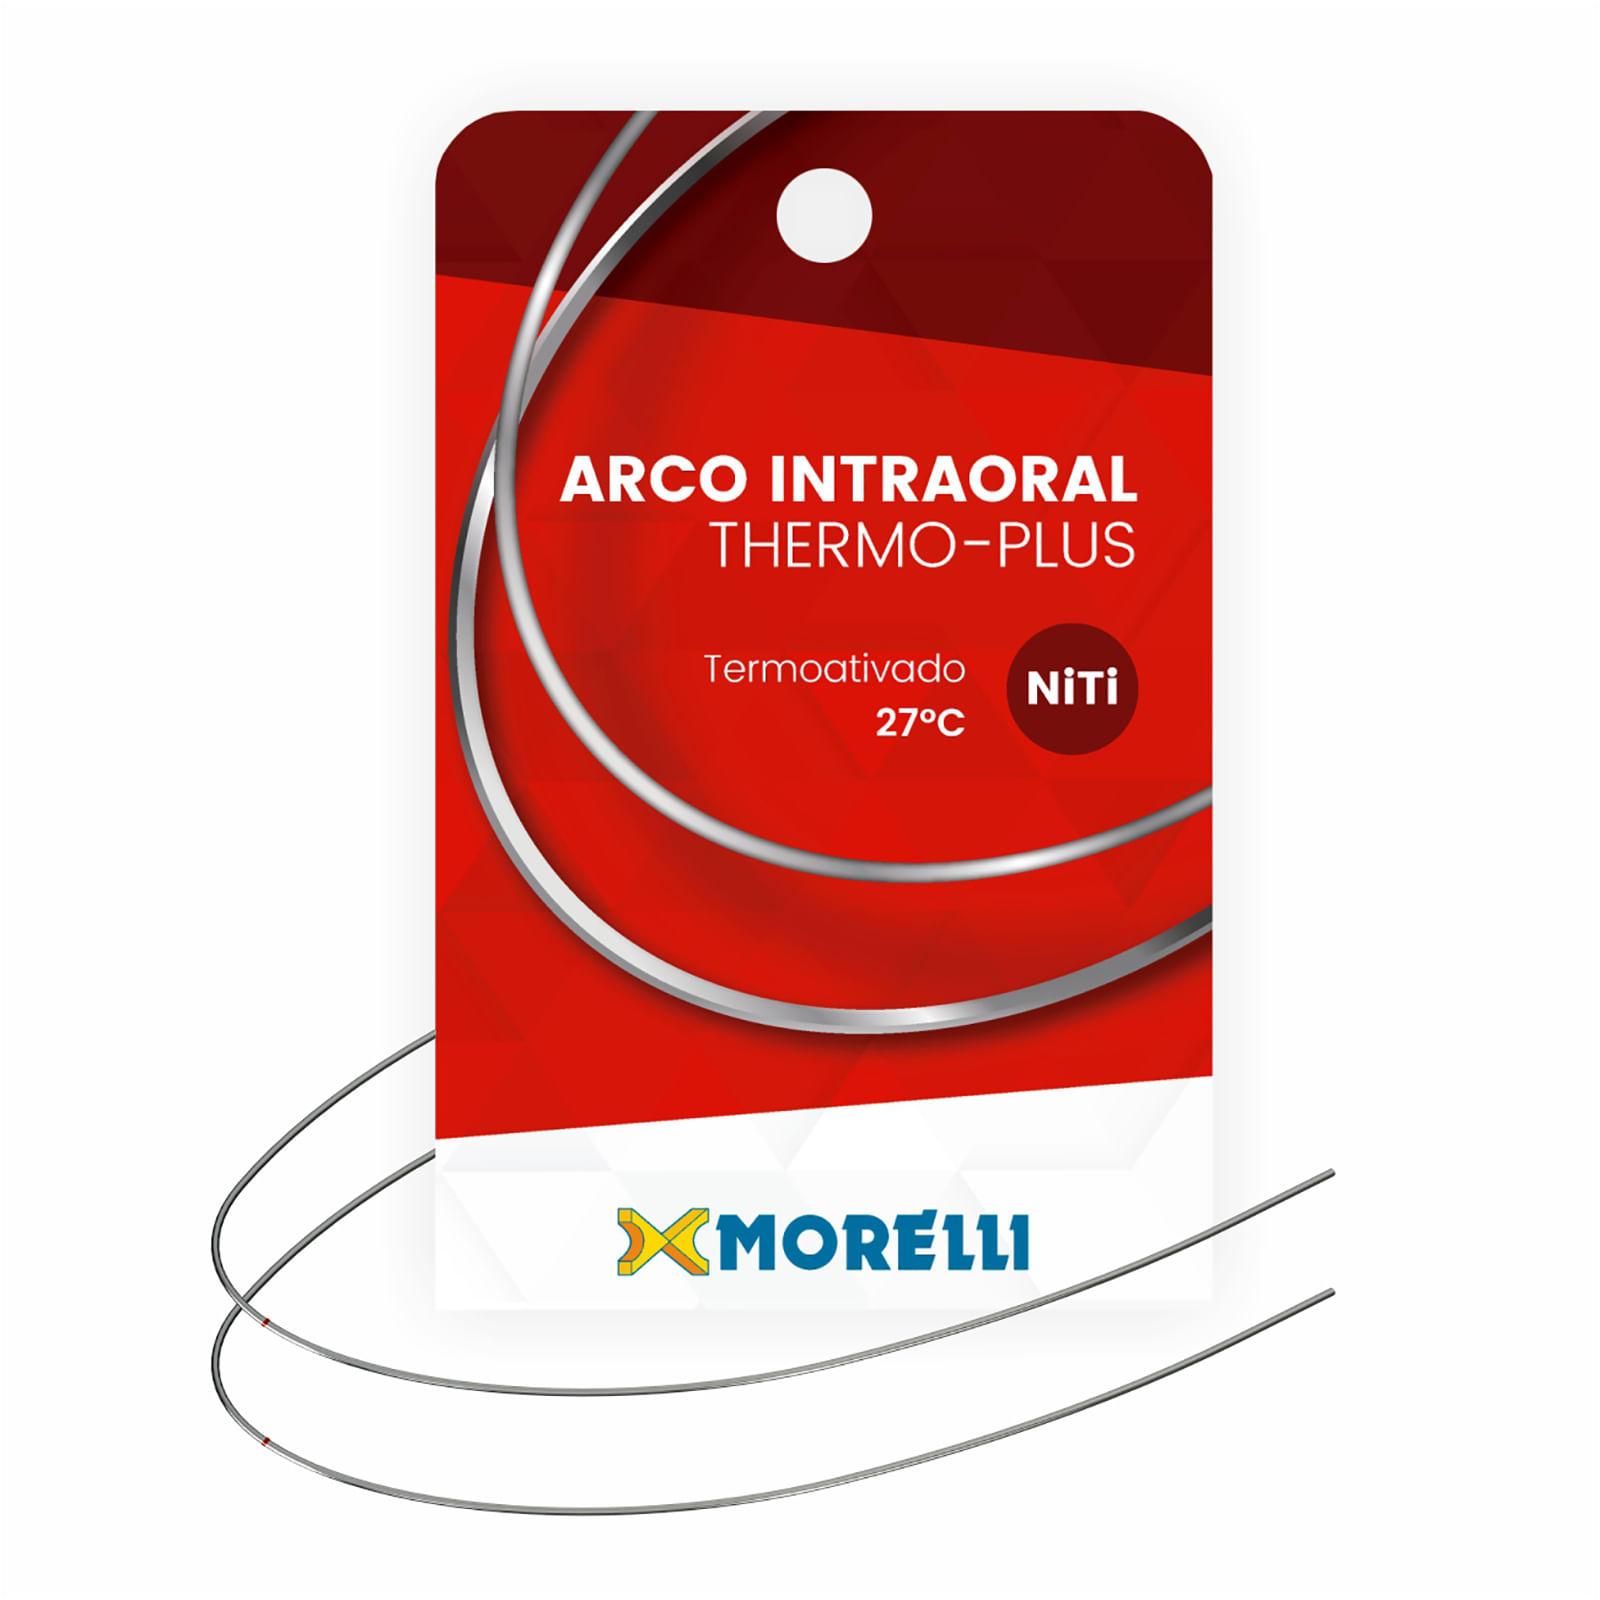 ARCO-NITINOL-ORTODONTICO-INTRAORAL-THERMO-PLUS-INFERIOR-P---NITI---REDONDO-Ø0.30MM-.012-----MORELLI